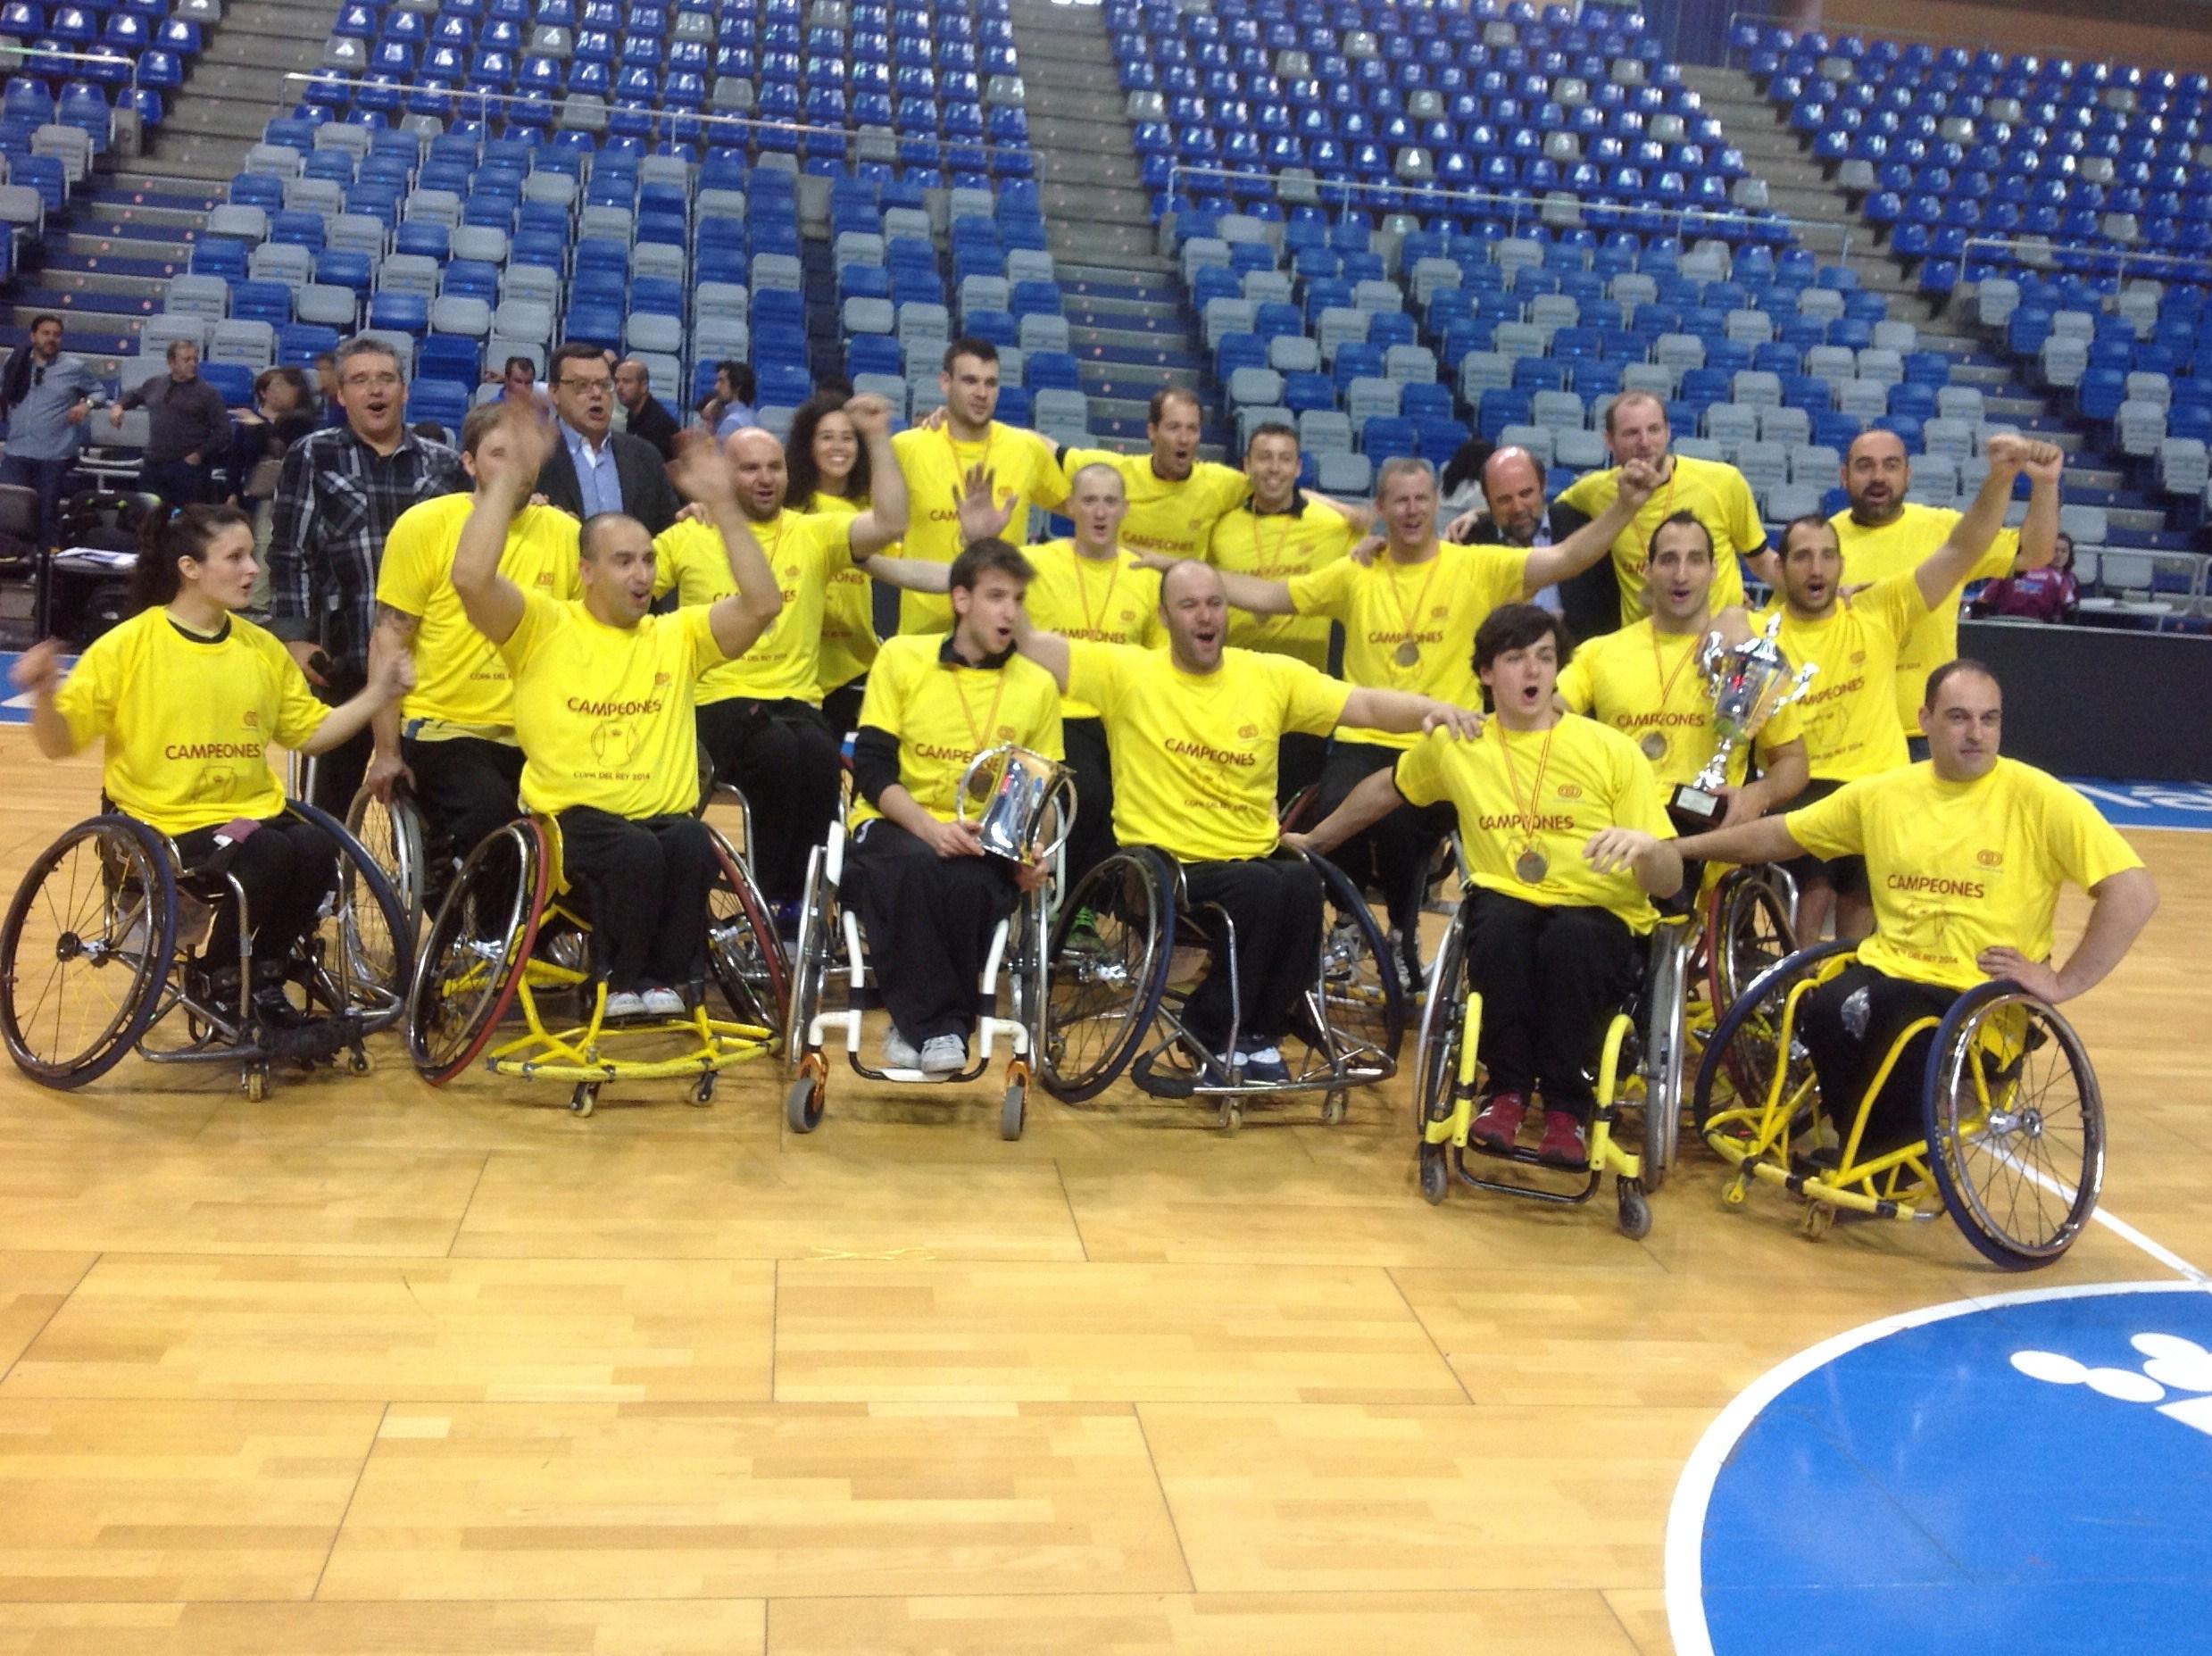 El CD Fundosa ONCE vence en la final a Getafe BSR y se proclama Campeón de la XXXVI Copa de S.M. el Rey